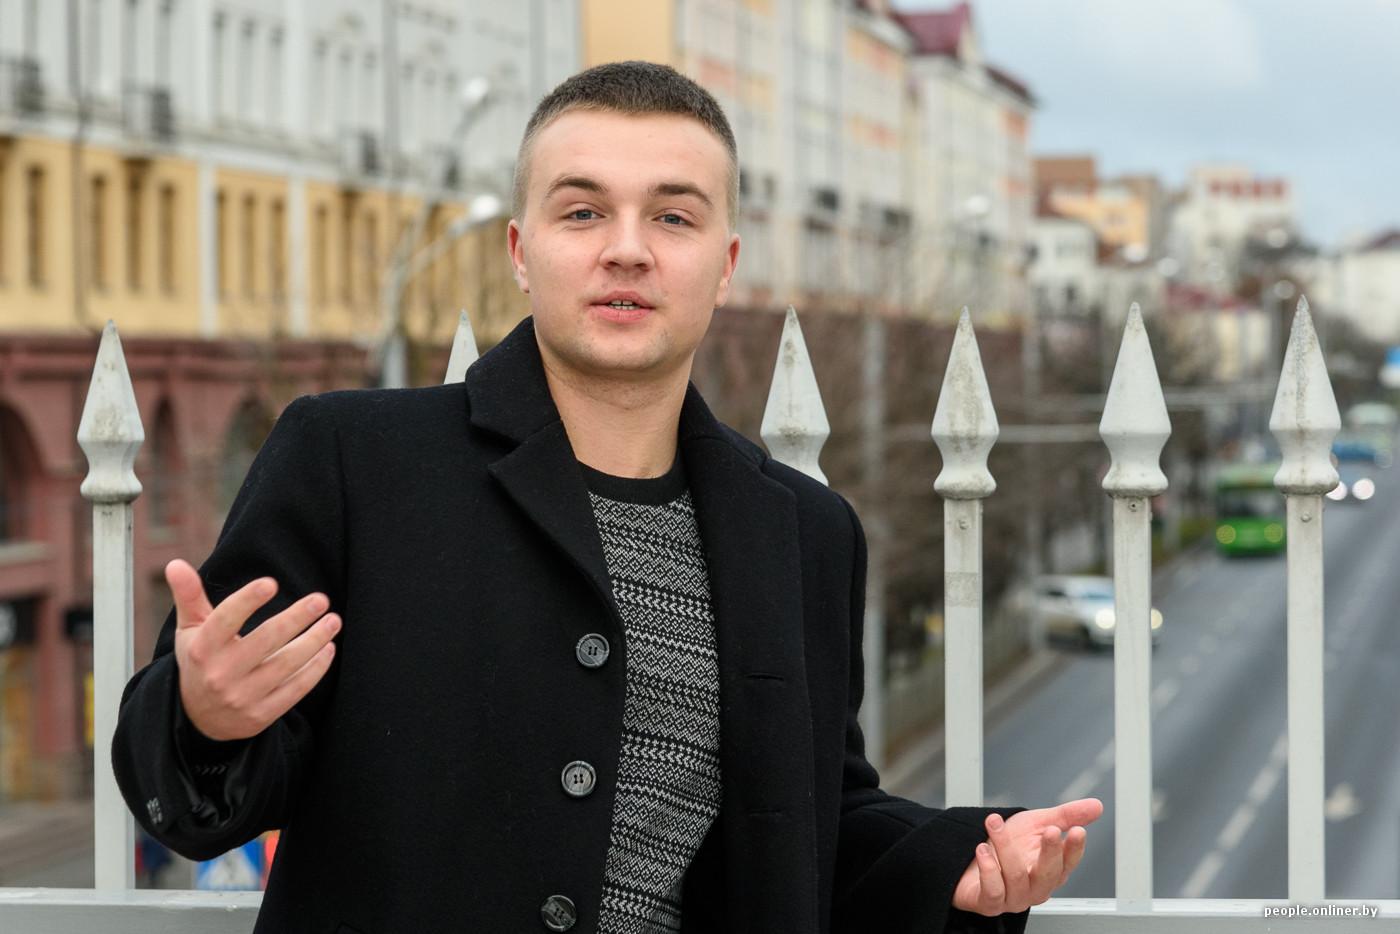 naklonyaetsya-dva-muzhchini-i-odna-dama-om-video-porno-budka-transseksualki-spb